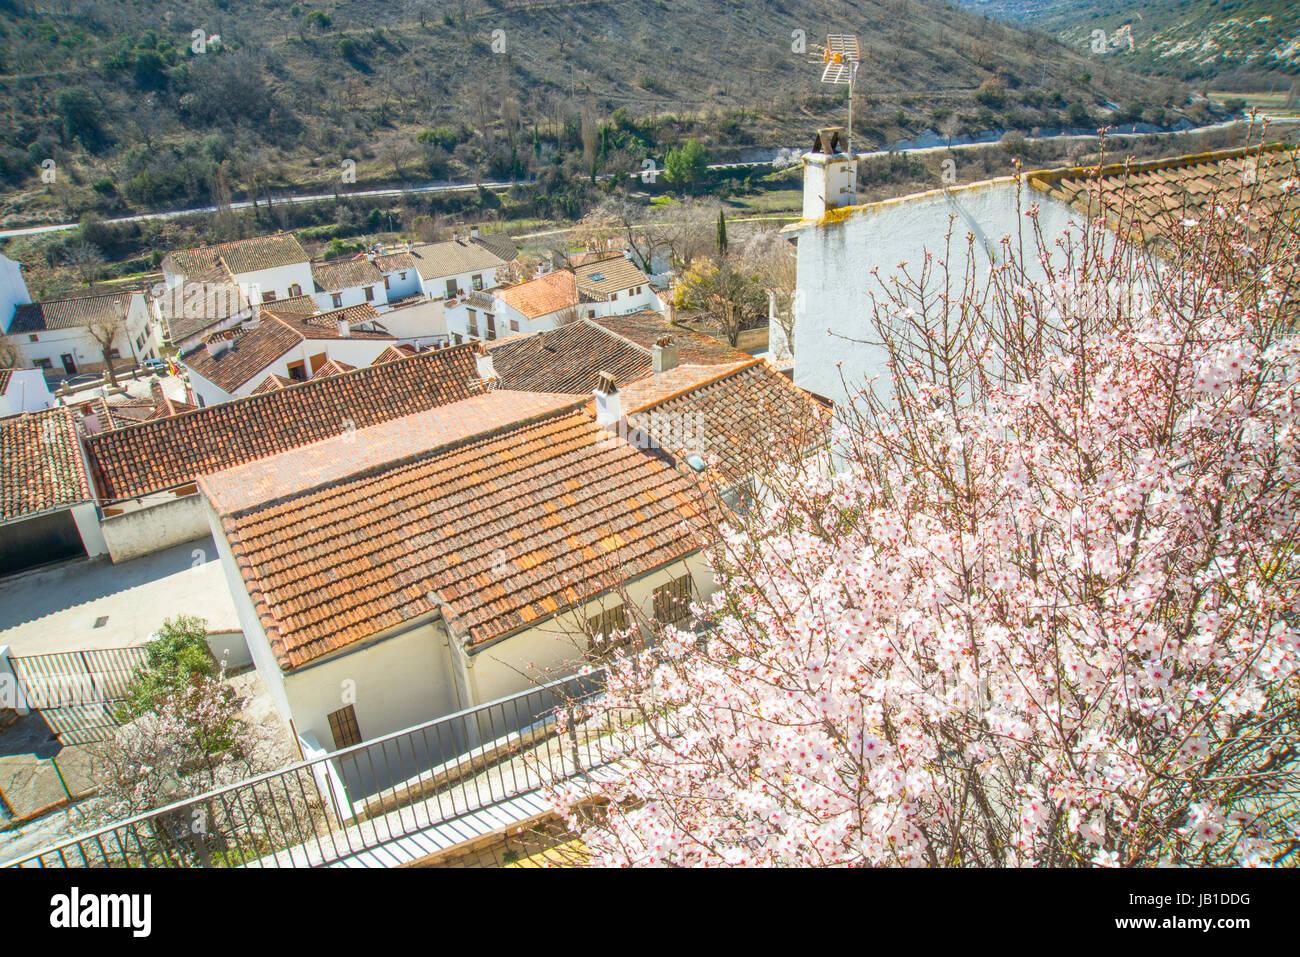 Olmeda de Las Fuentes, Provinz Madrid, Spanien. Stockbild